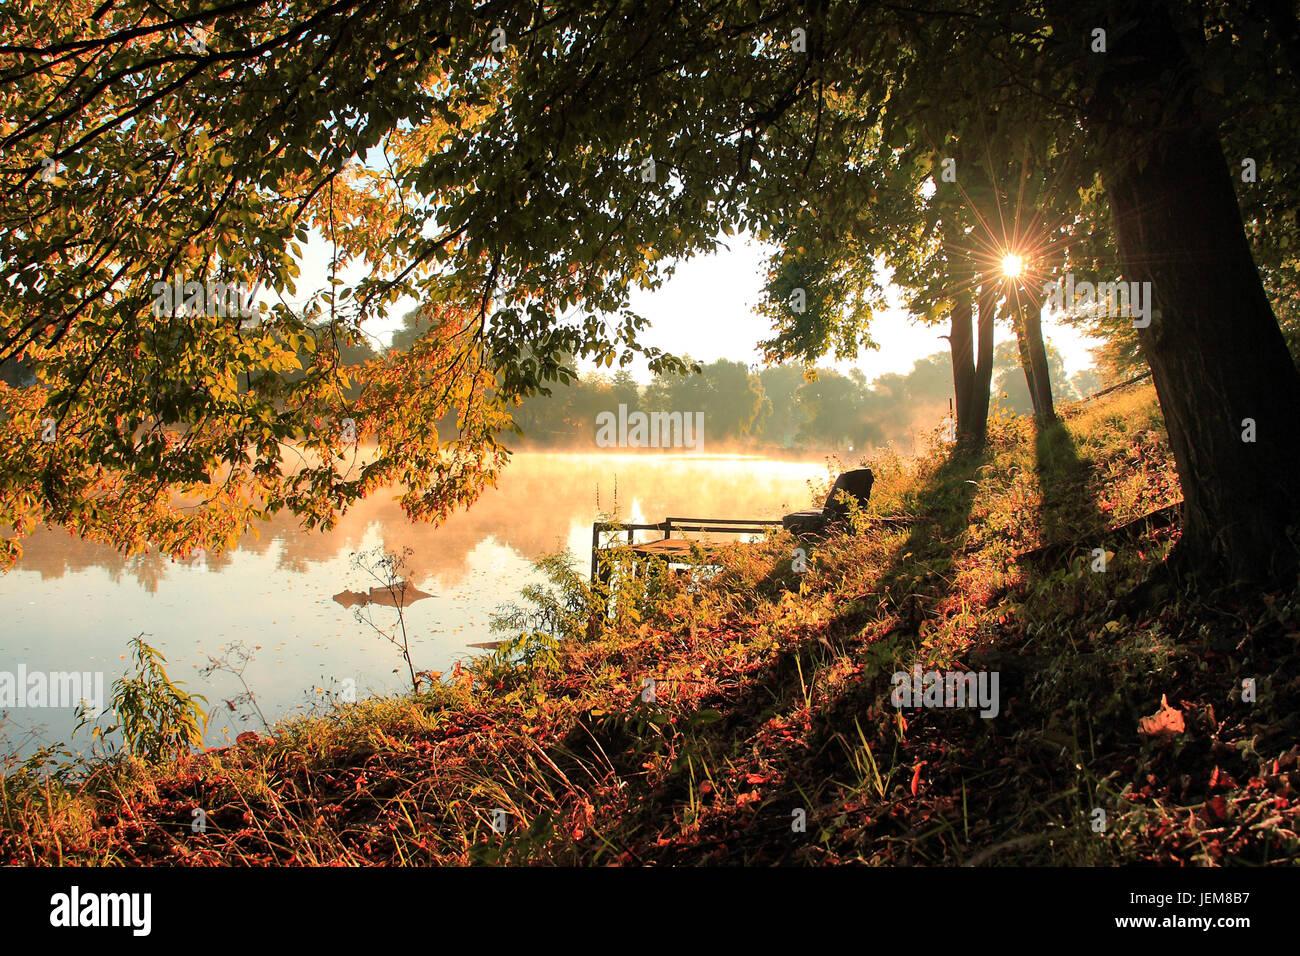 Herbstlichen Wald und See im Sonnenaufgang Stockbild